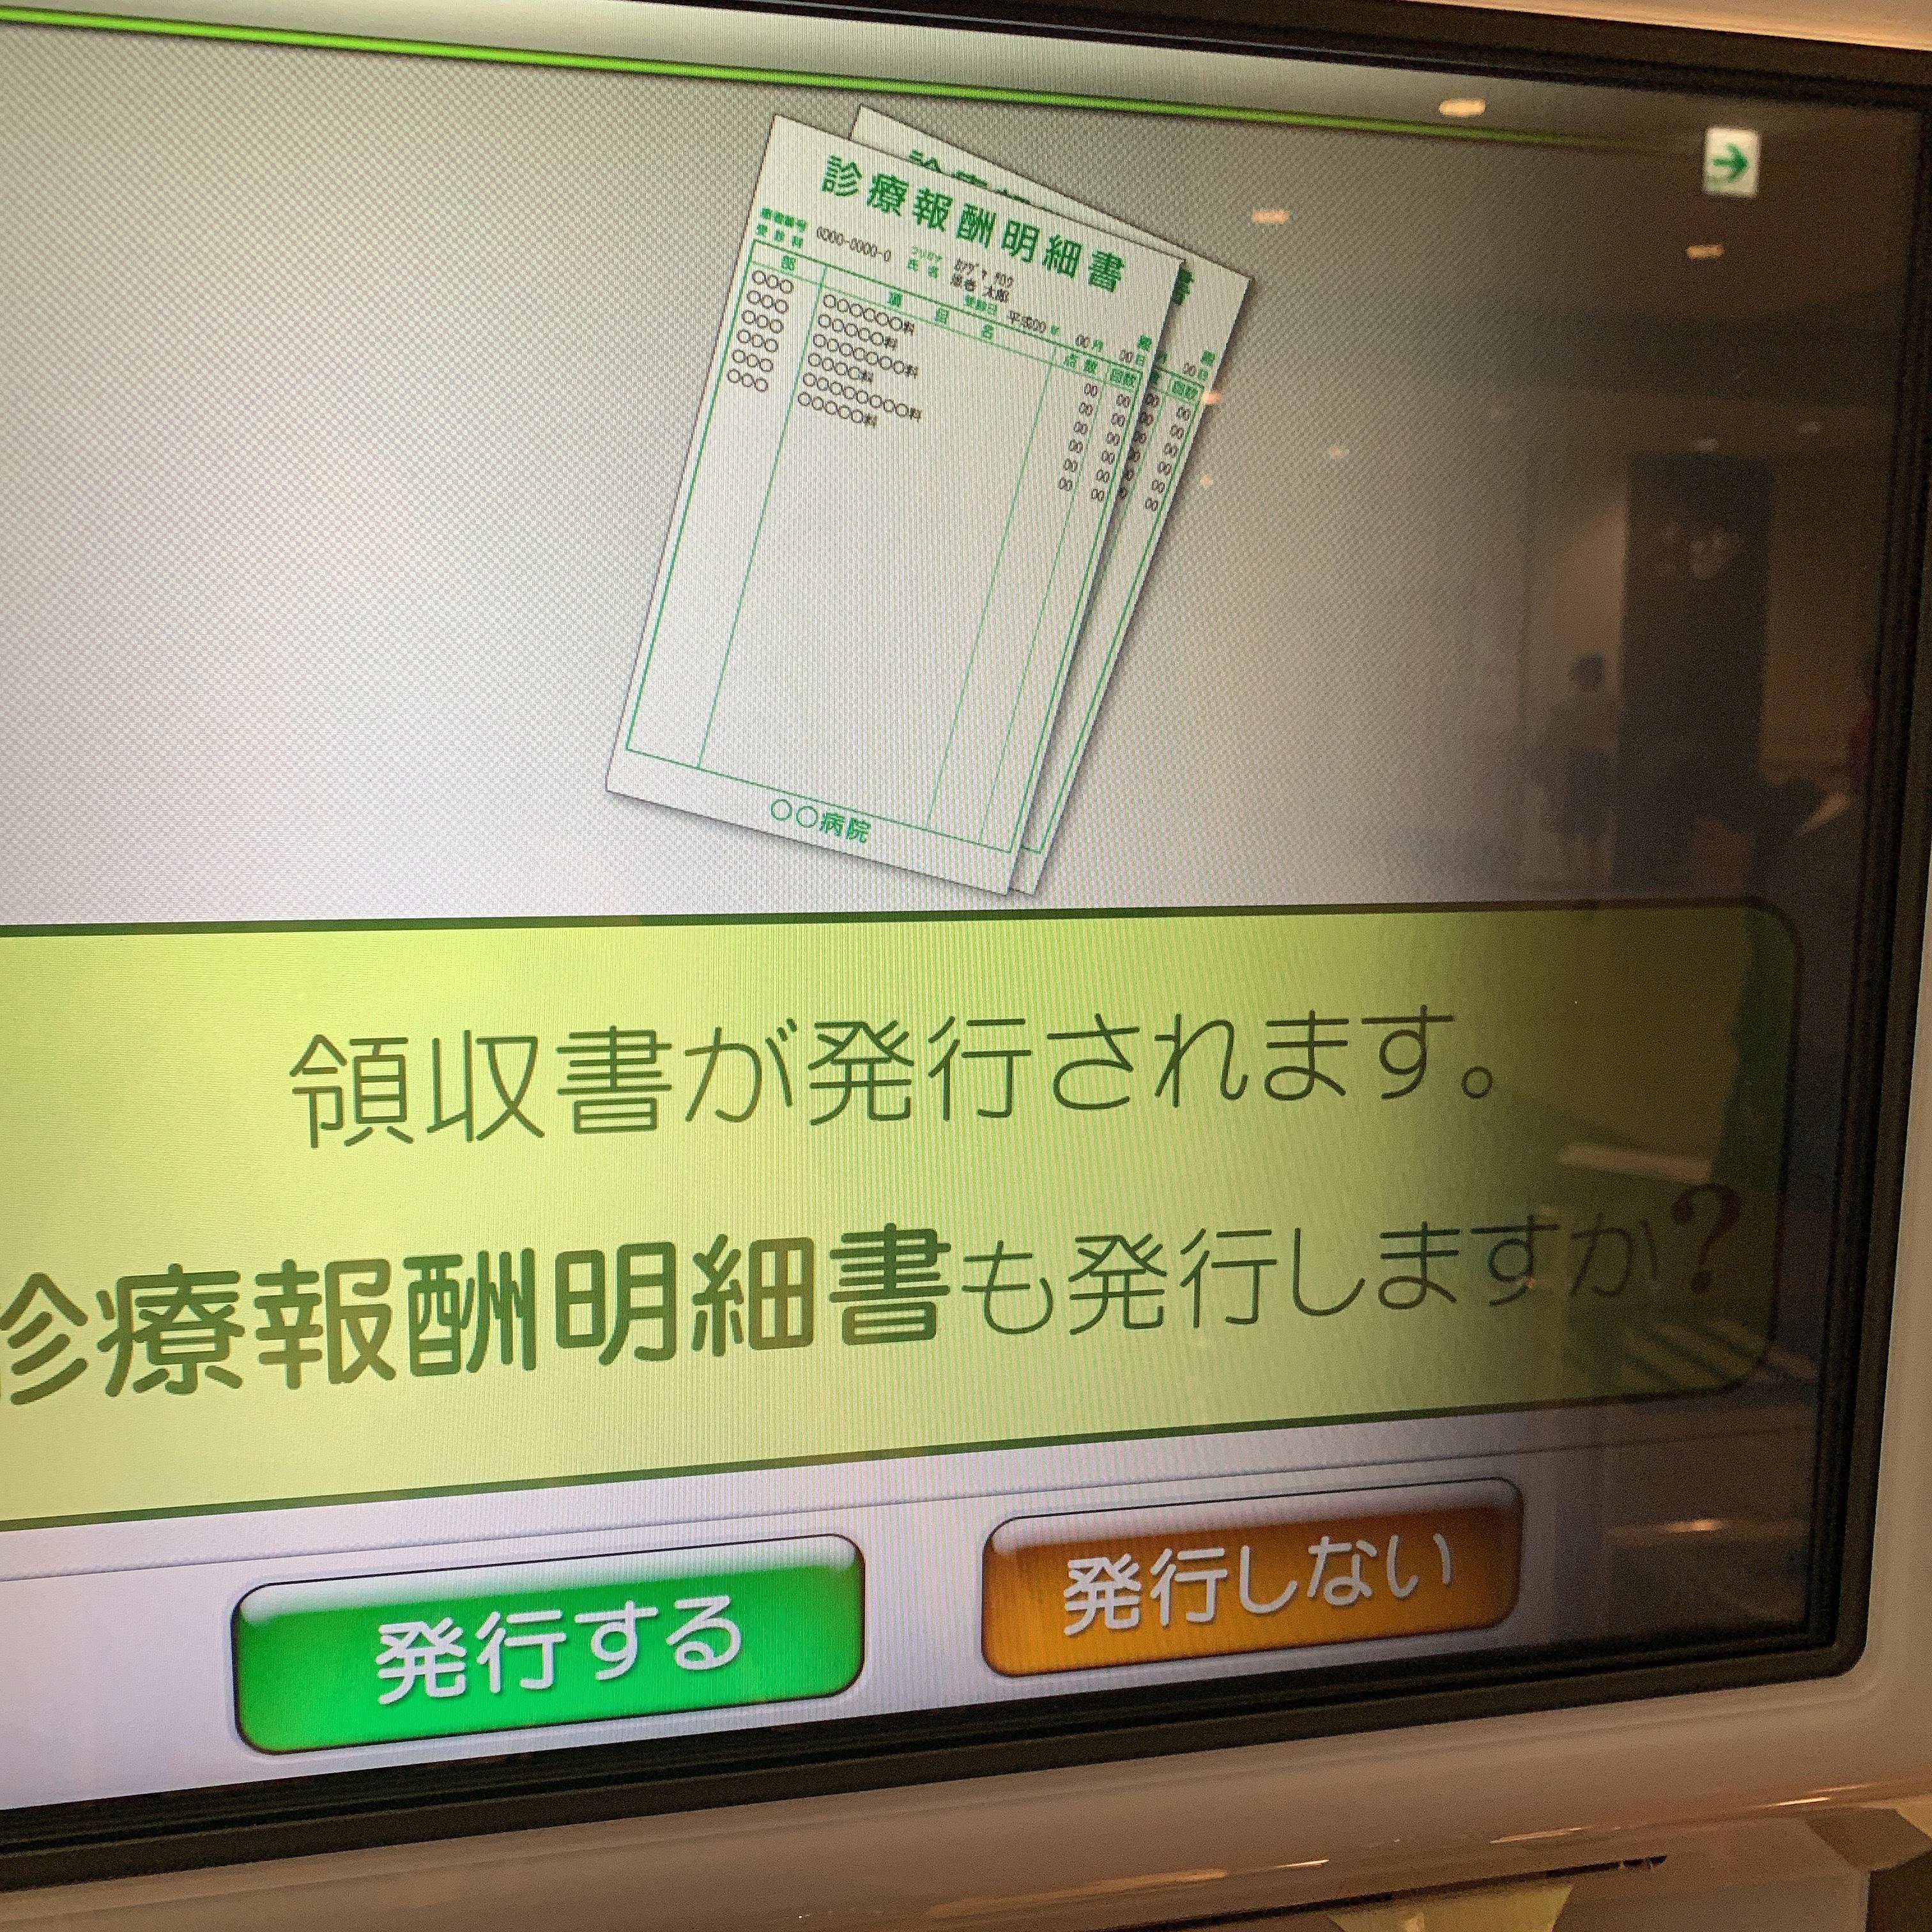 医療費自動精算機